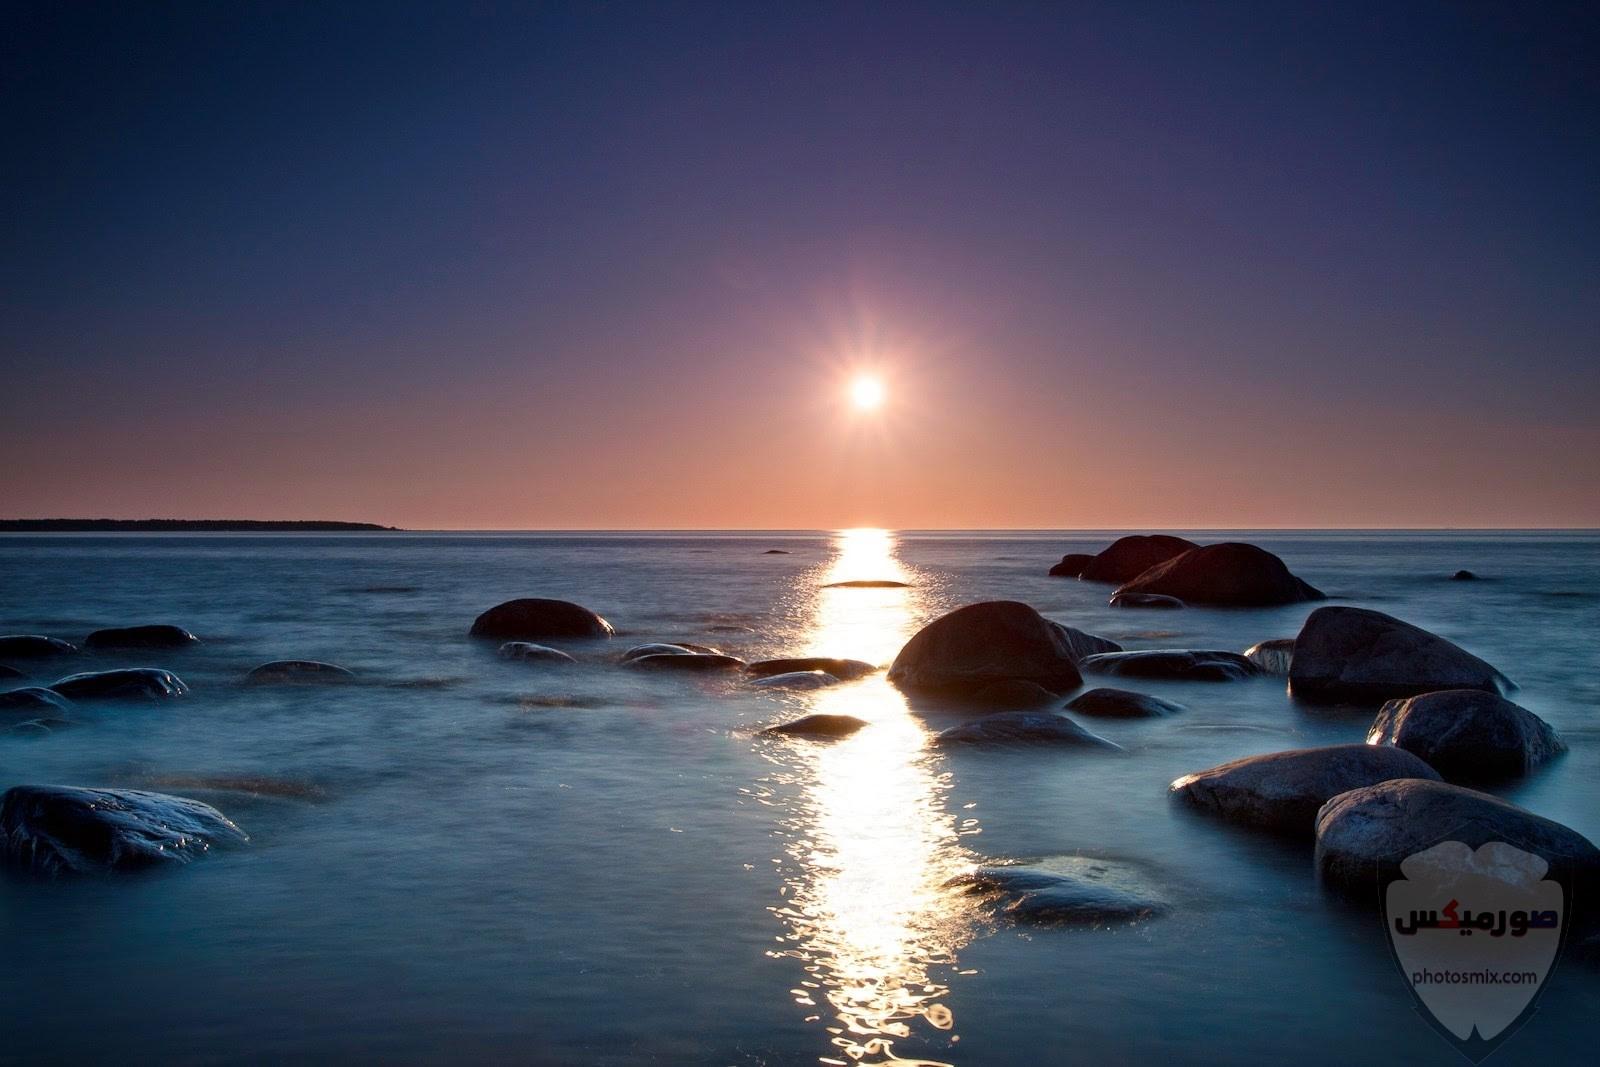 اجمل صور صباح الخير 2020، صور صباحية جميلة مع ورد 2021 ،صور ادعية للصباح 14